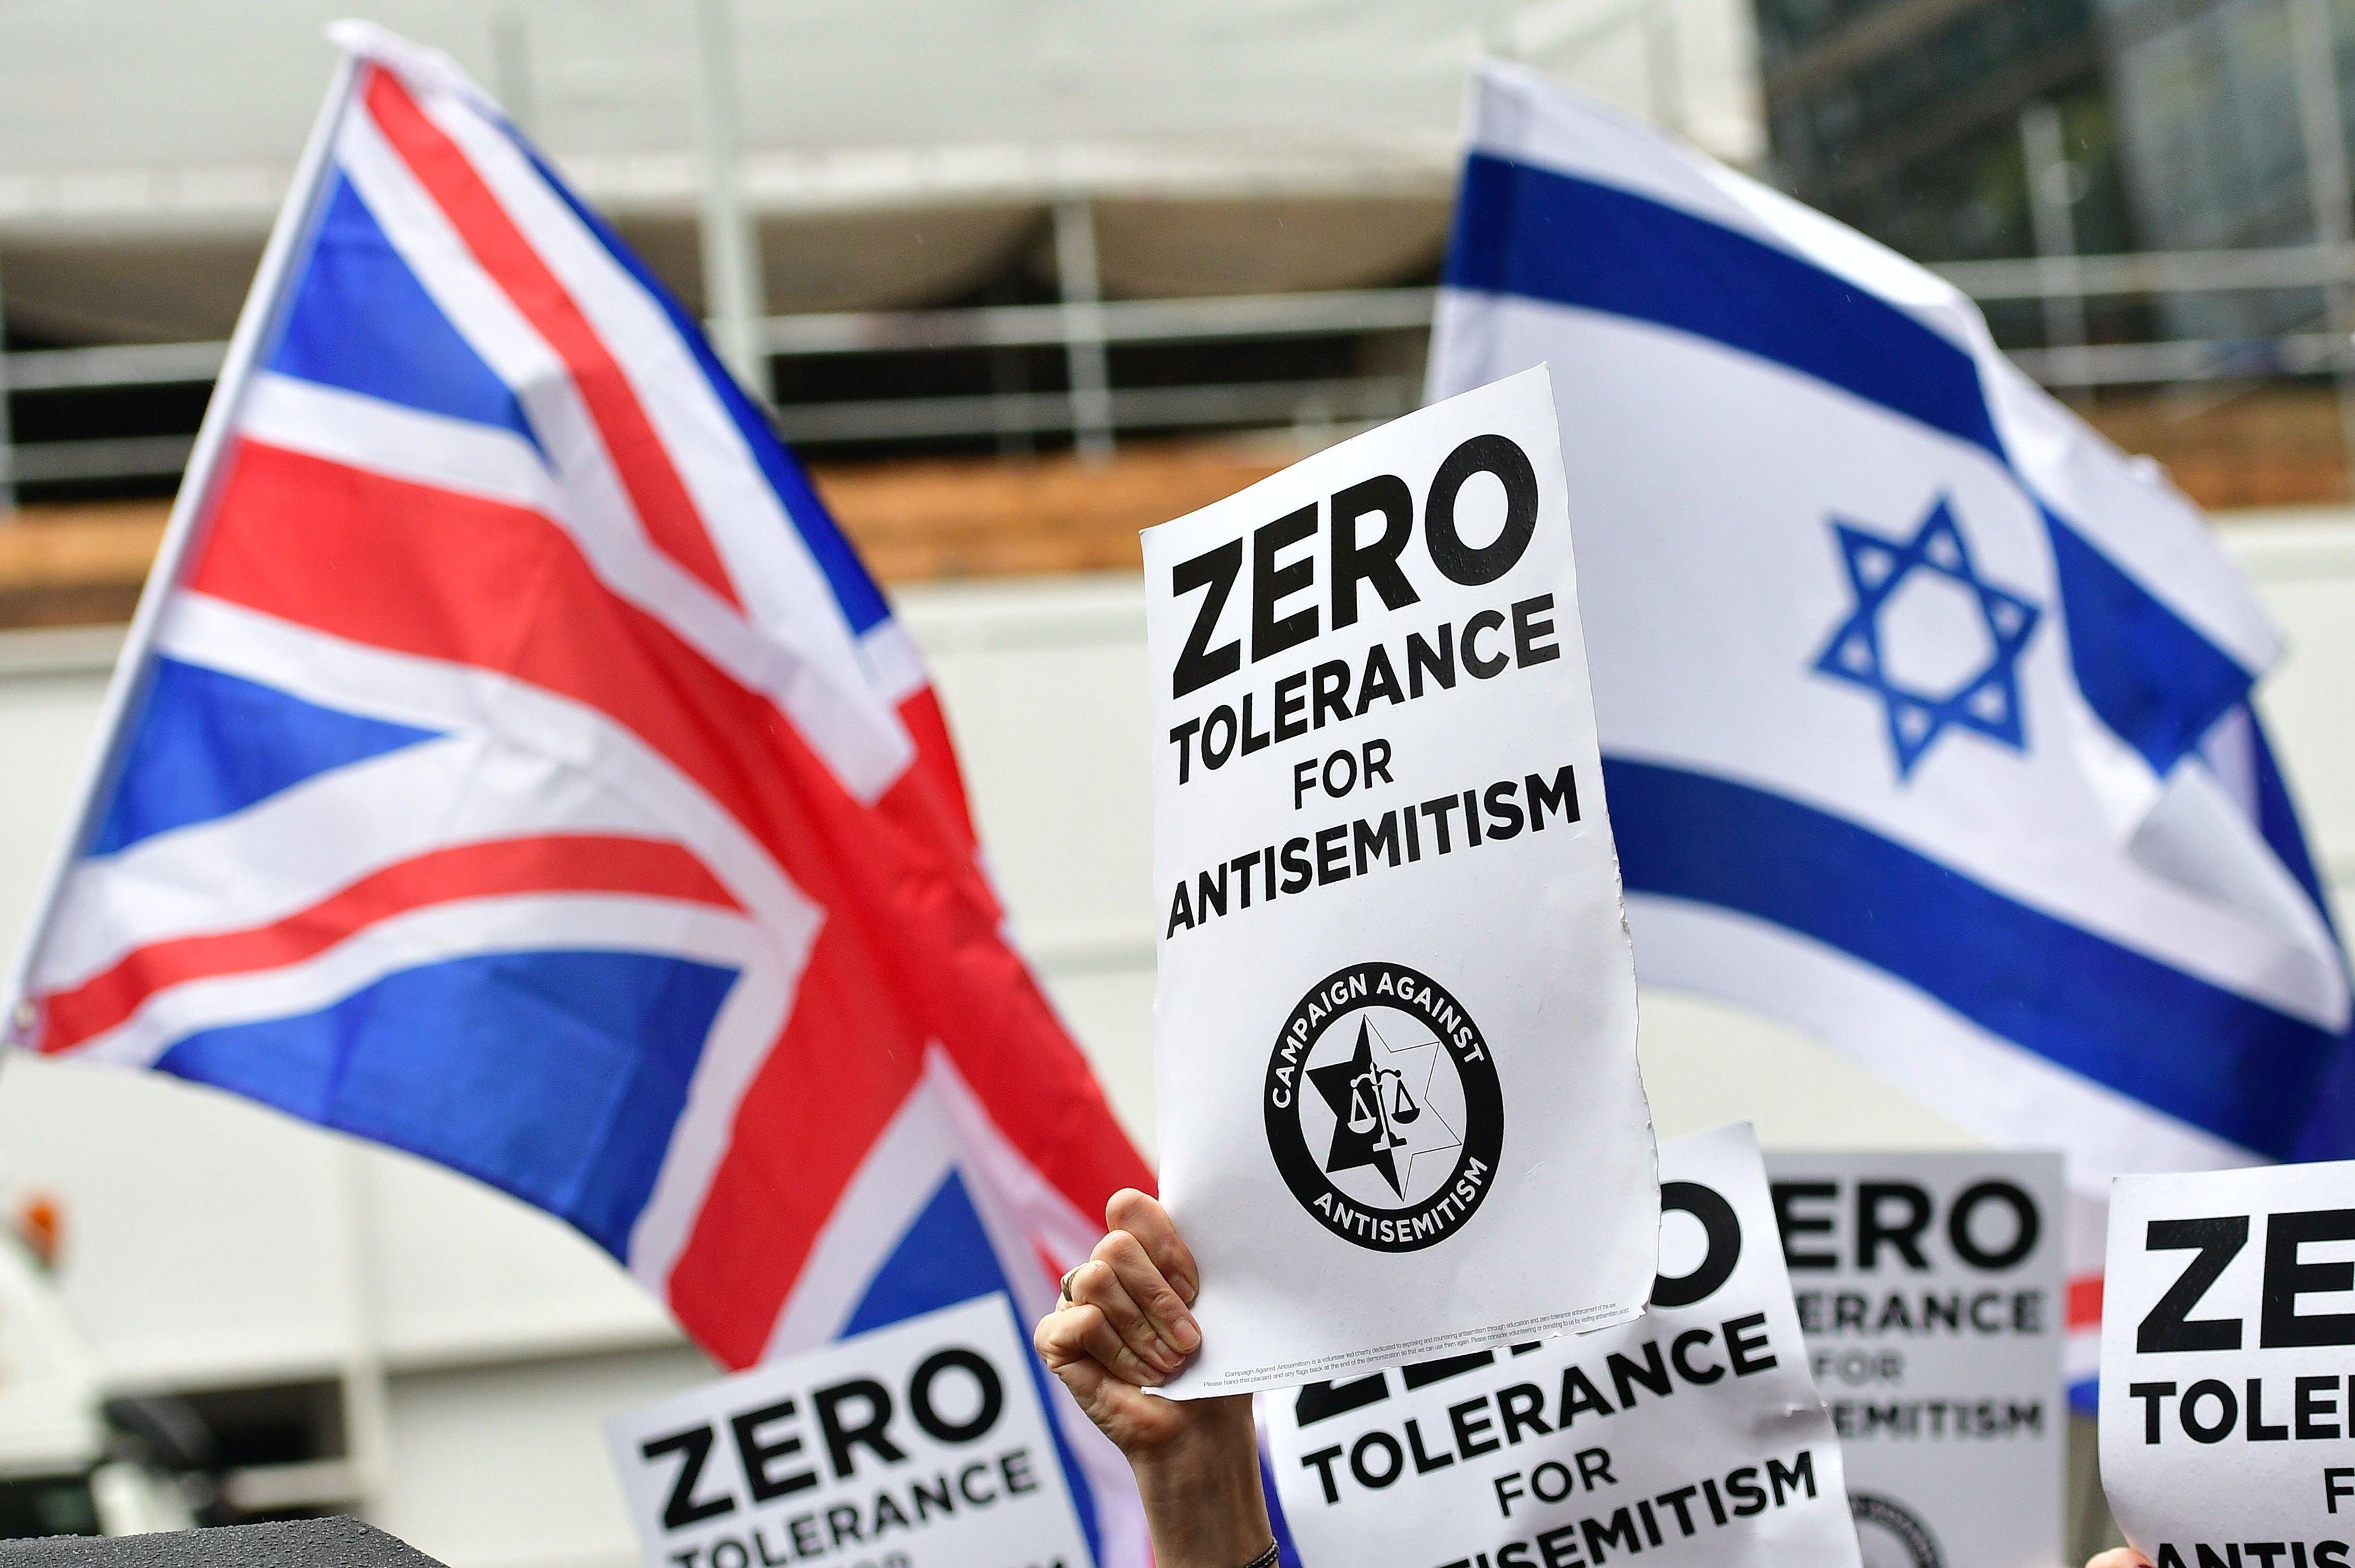 Twitter accused of 'enabling' anti-Semitism after promoting racist tweets